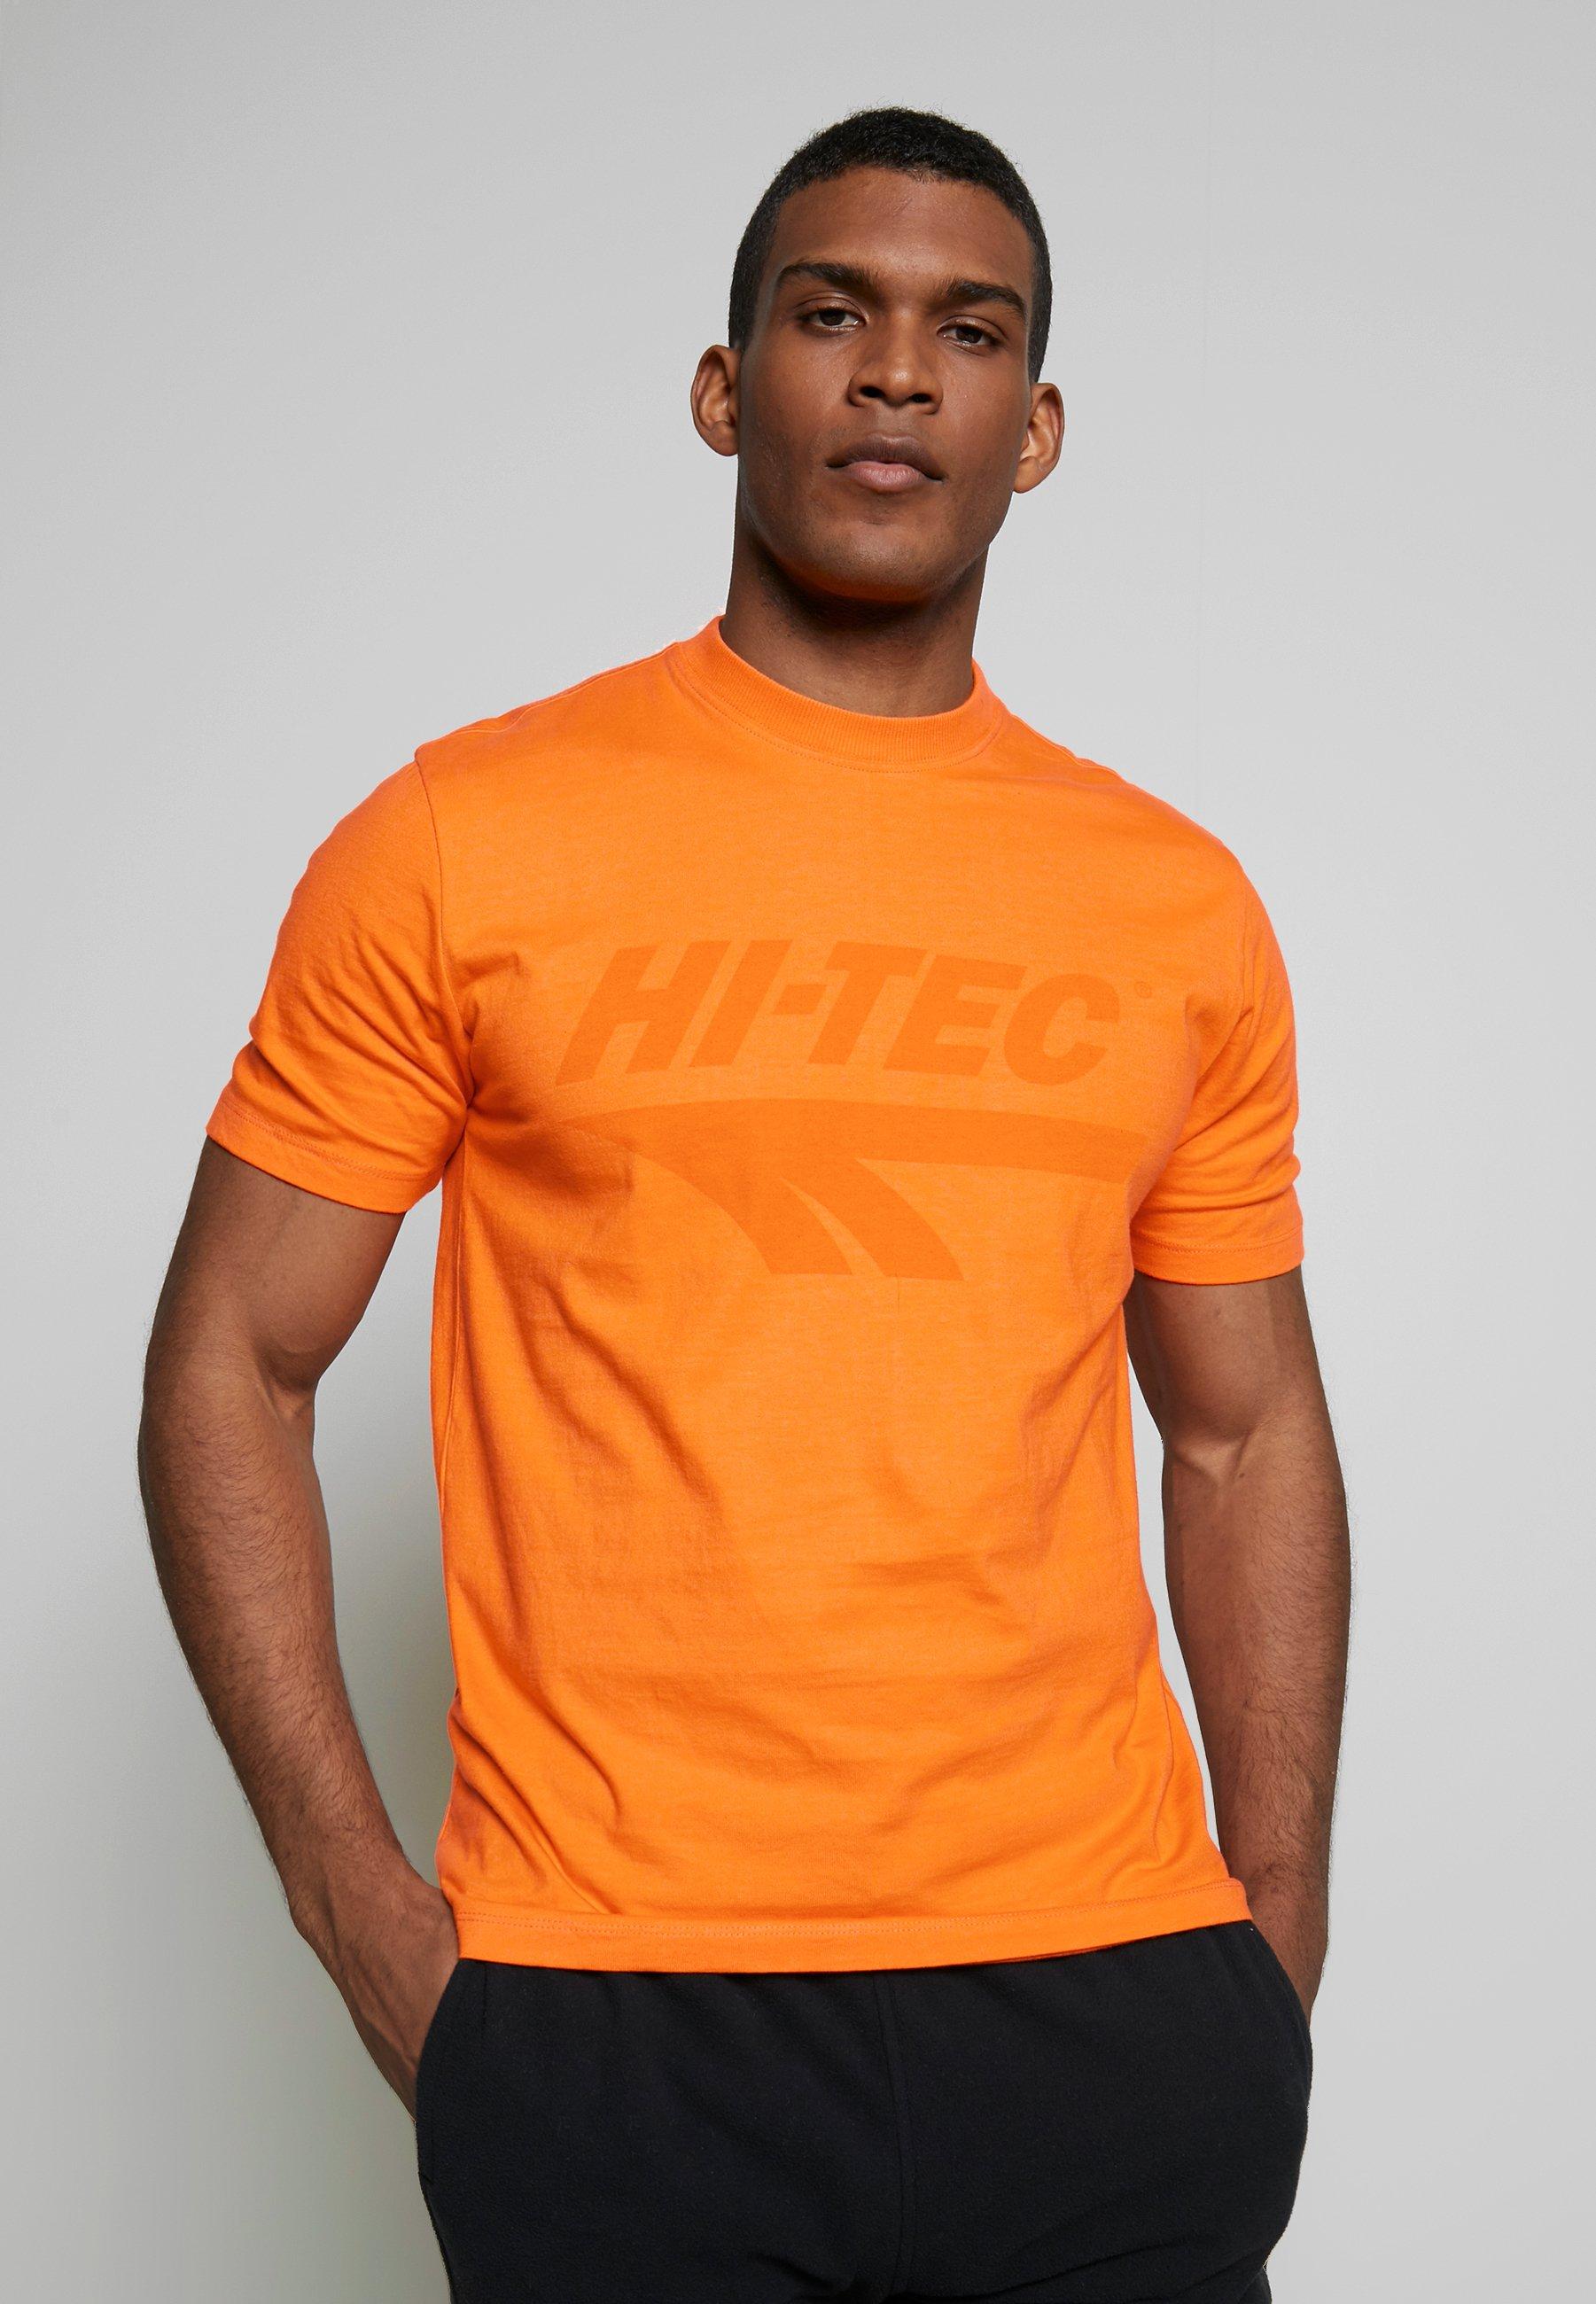 Sammlungen Herren Bekleidung Ssfduh48sf9fjiod Hi-Tec HANS T-Shirt print orange zest